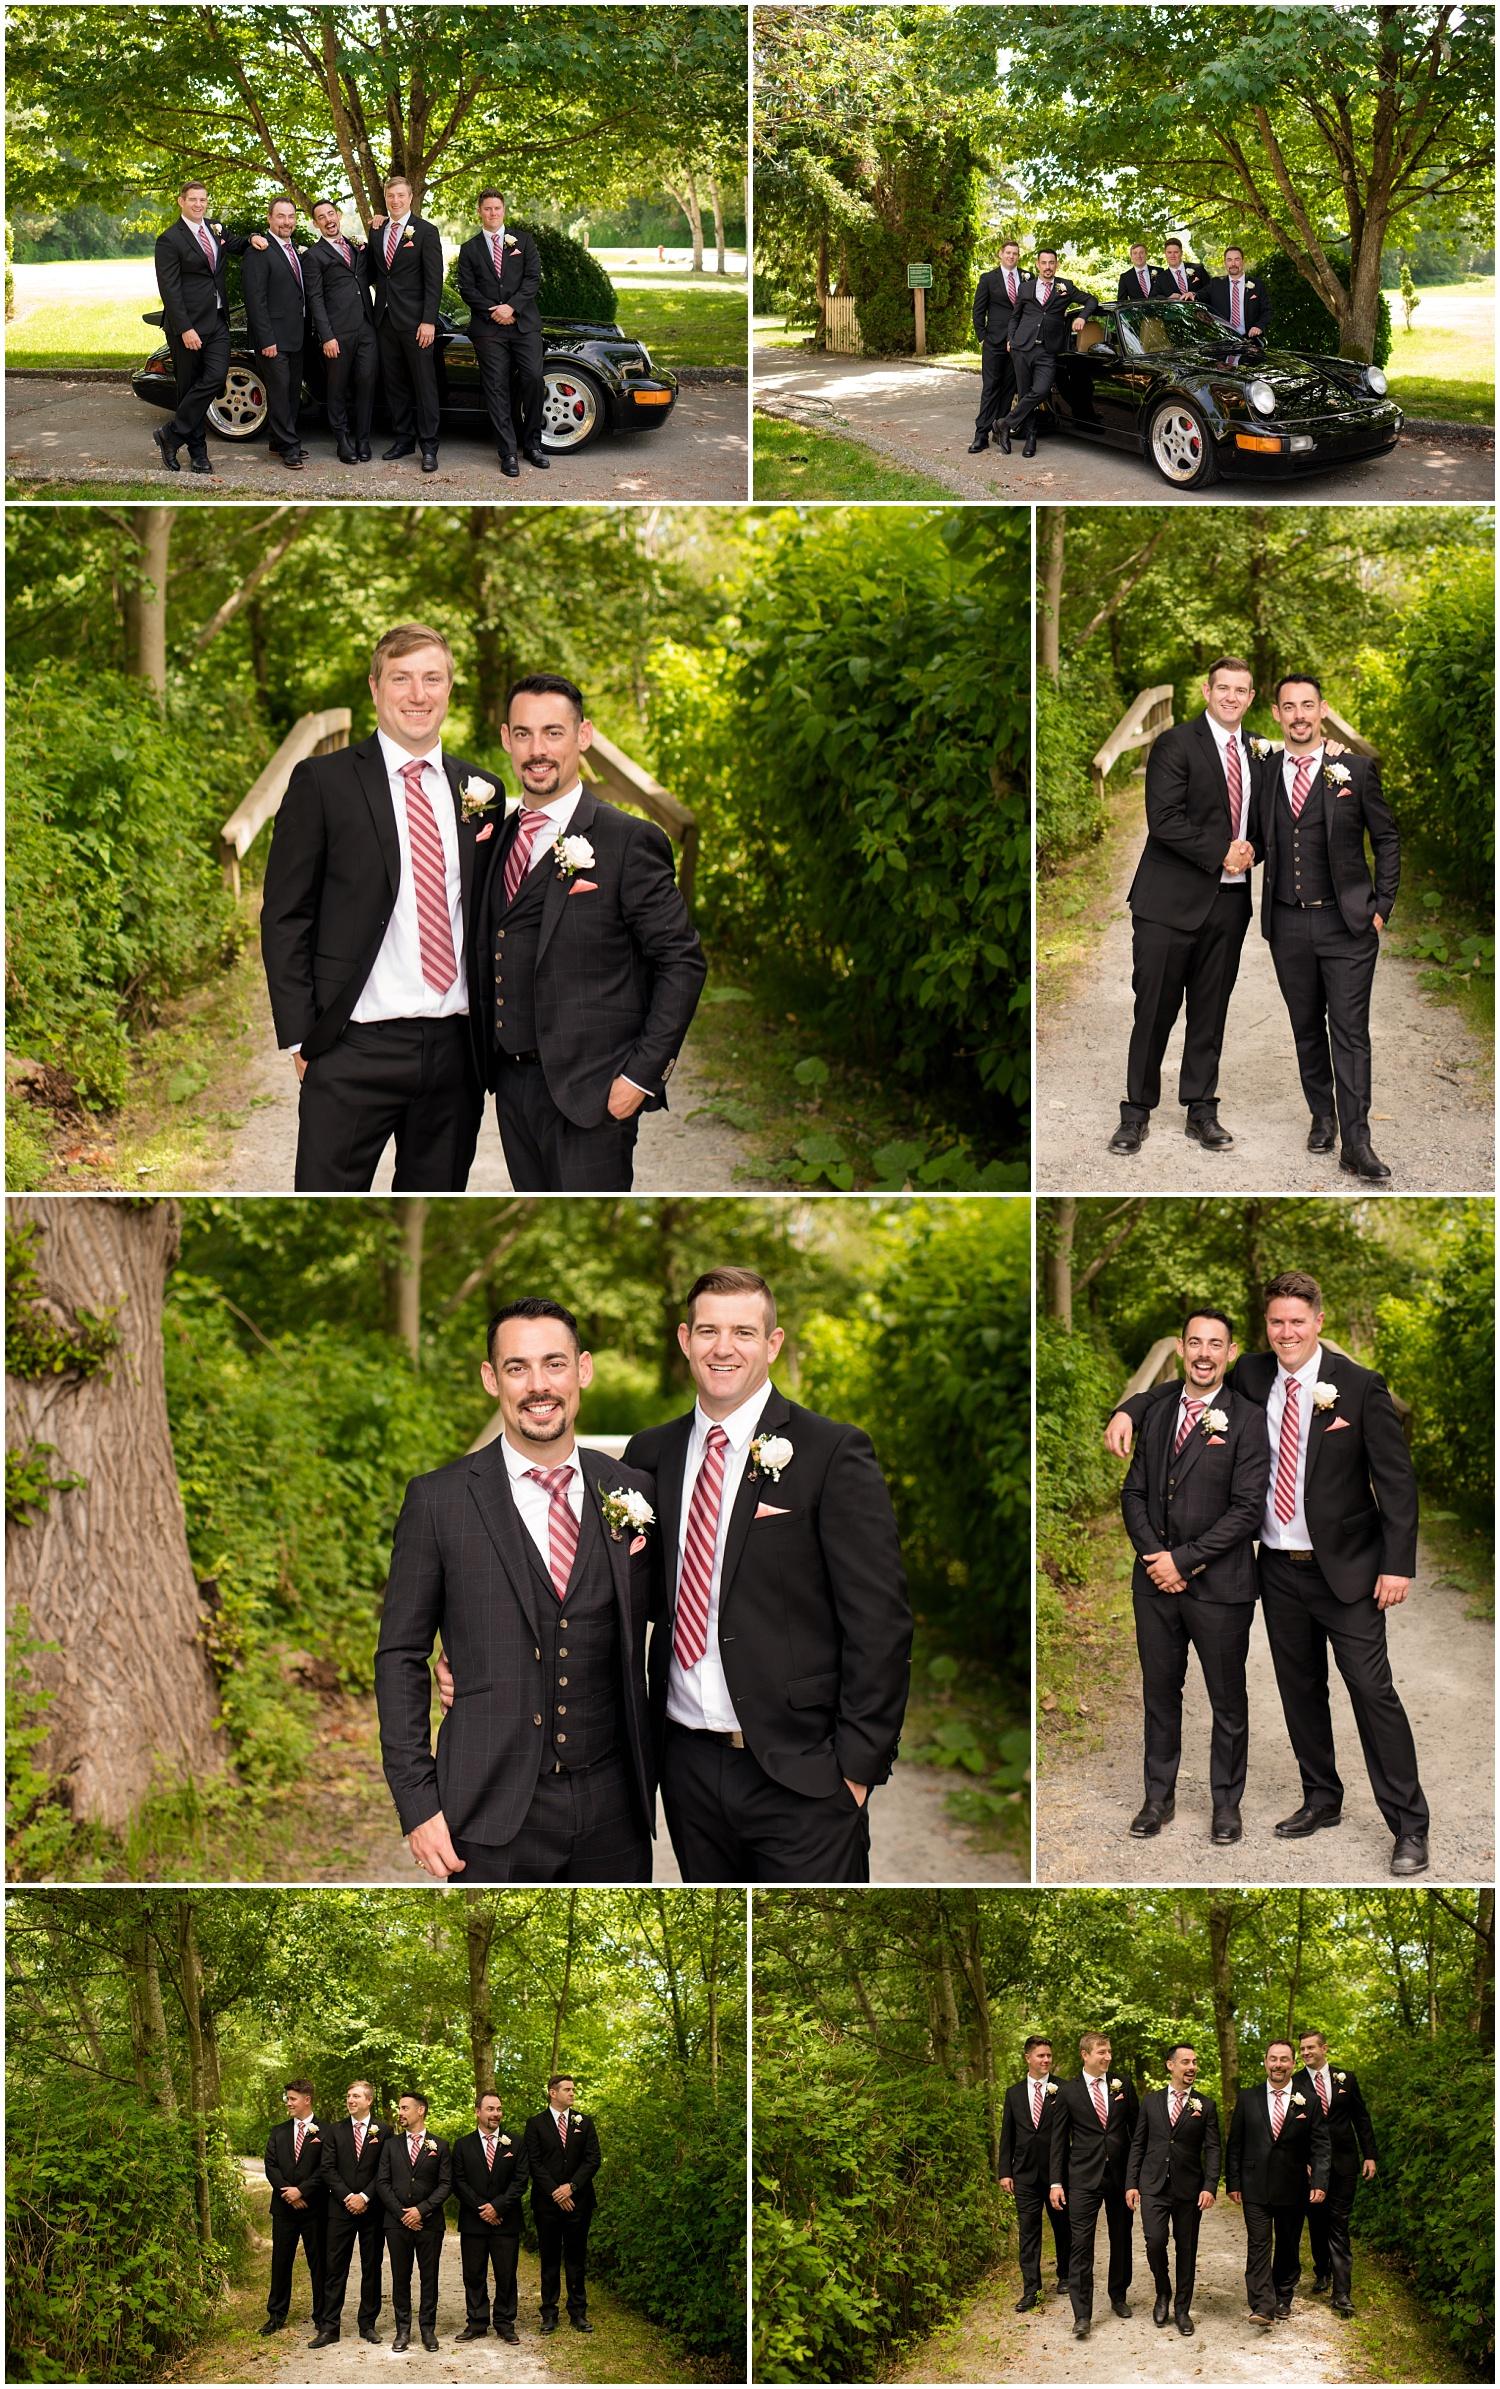 Amazing Day Photography - South Bonson Wedding - Pitt Meadows Wedding - Langley Wedding Photography (16).jpg